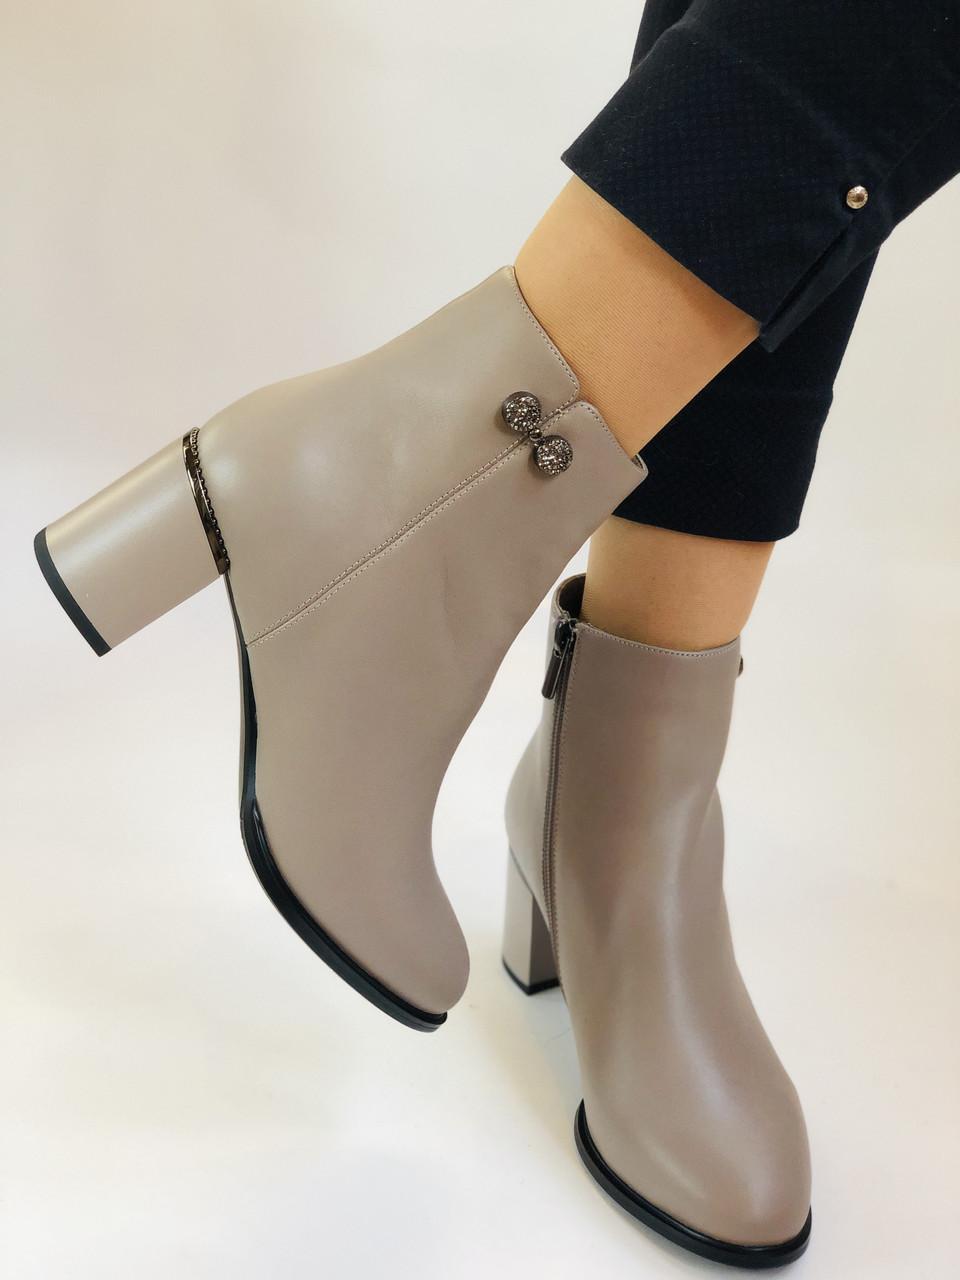 Жіночі осінні черевики. На середньому каблуці. Натуральна шкіра.Molka. Р. 37 38 39.40.Vellena